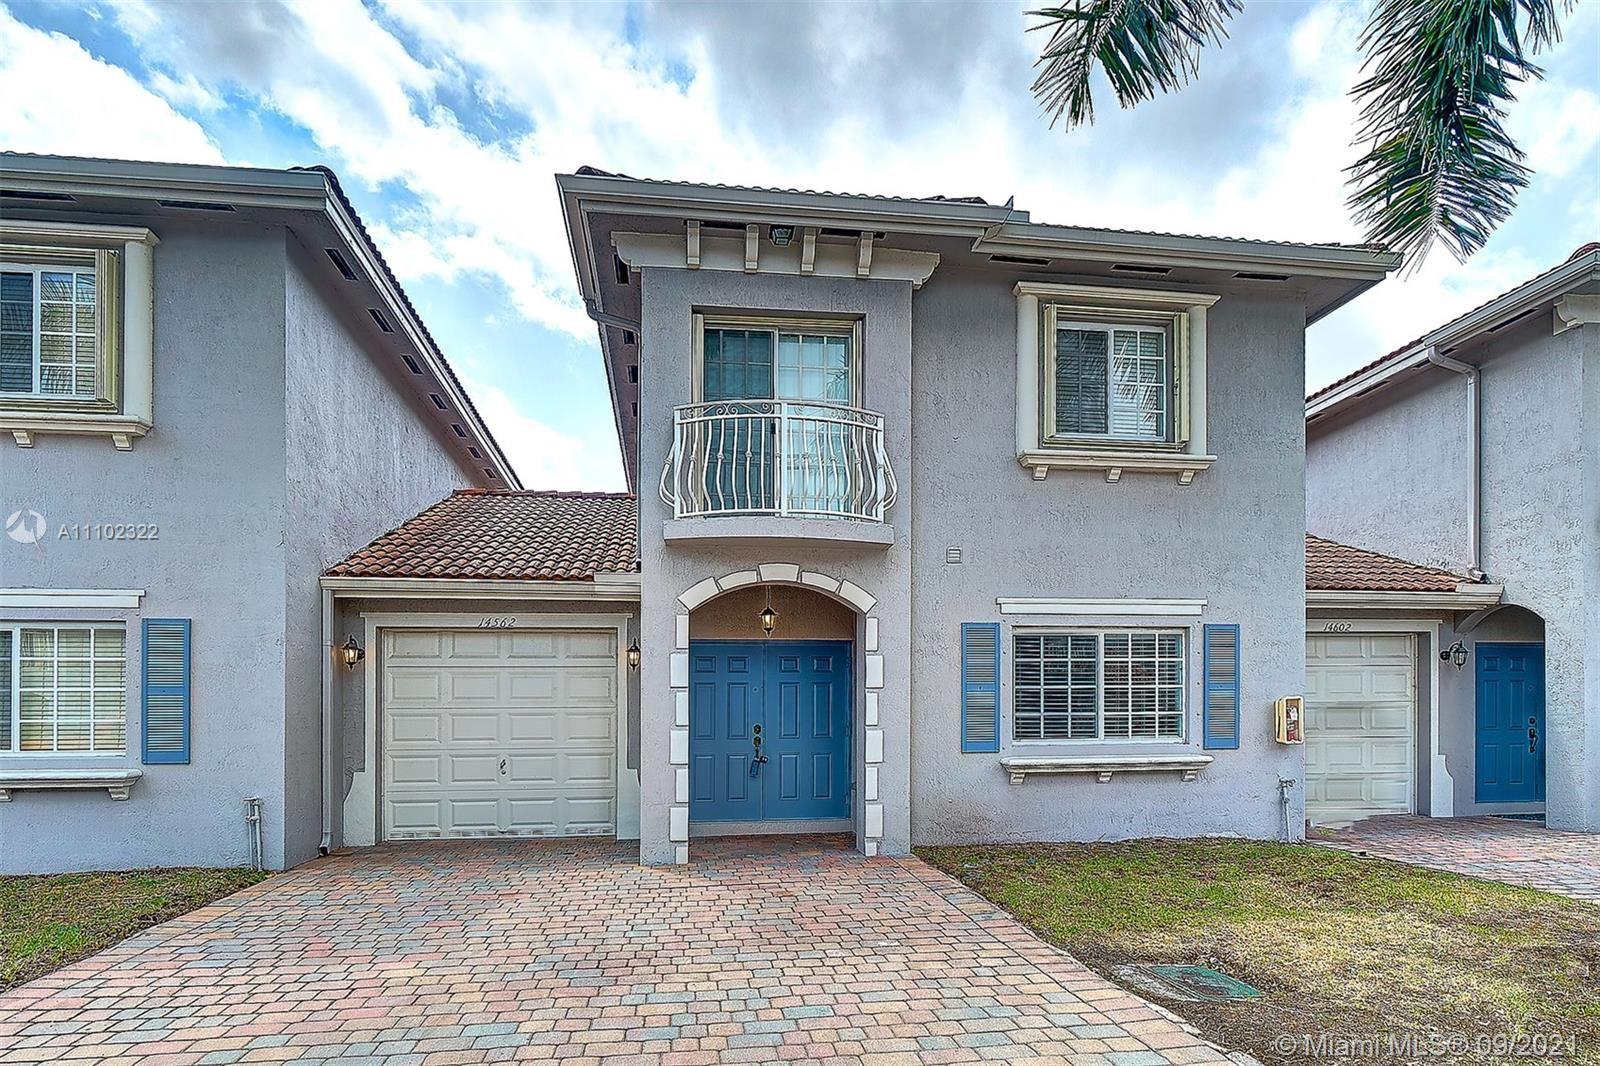 14562 SW 29 Terrace #14562, Miami, FL 33175 - #: A11102322